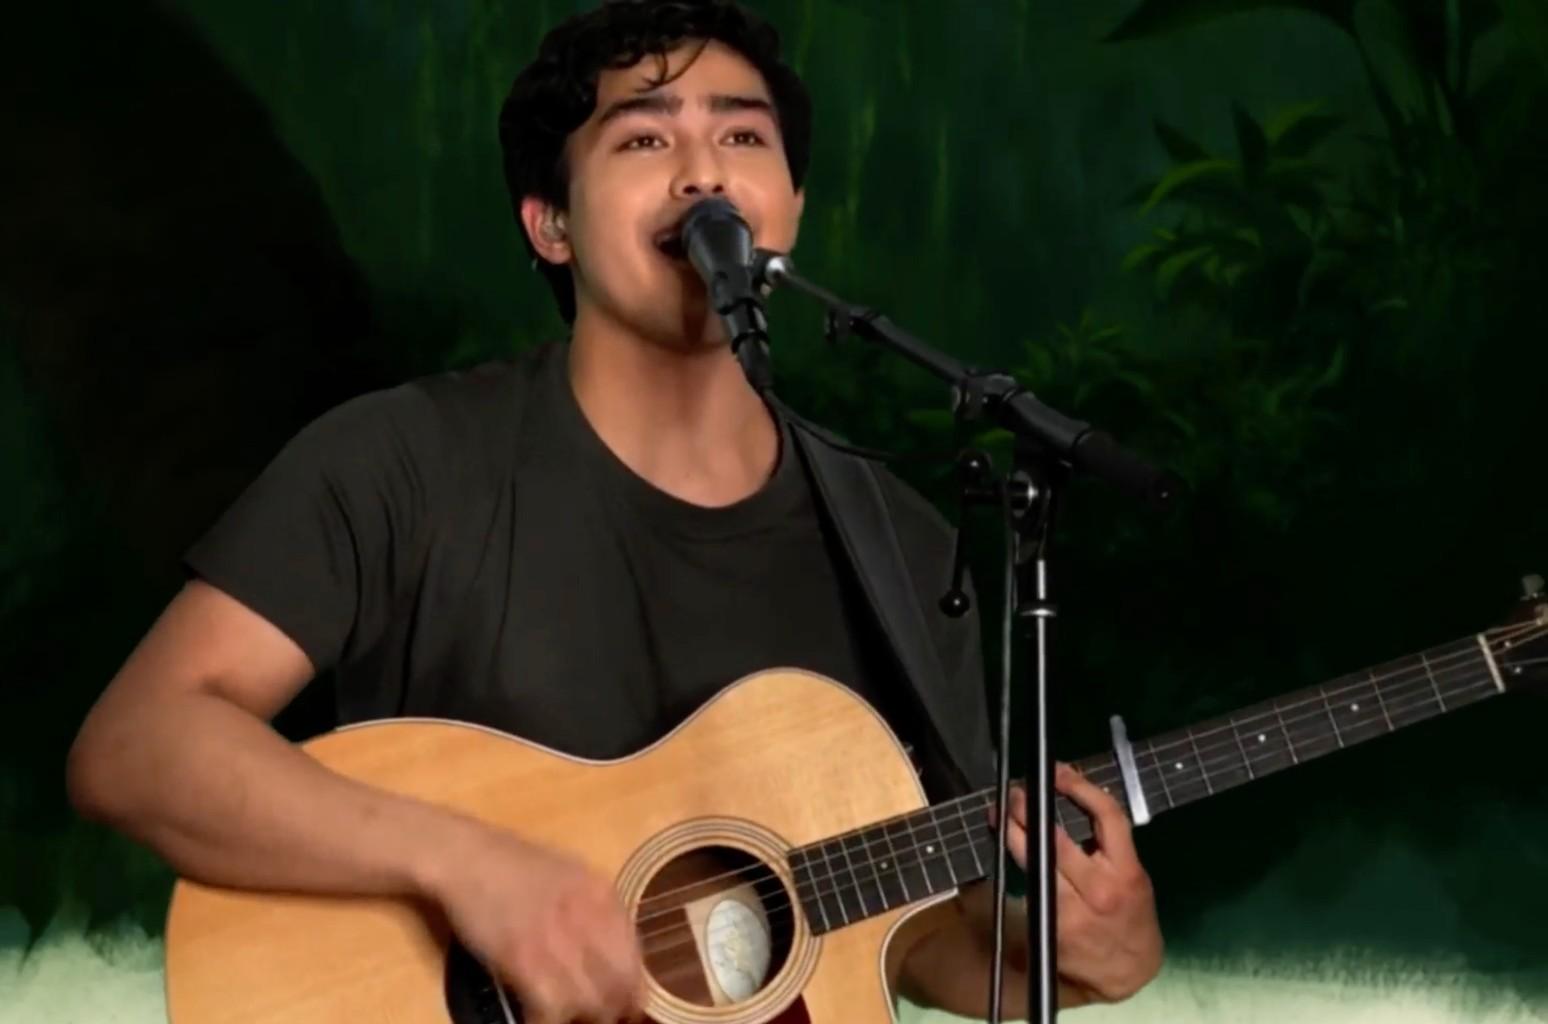 Francisco Martin on 'American Idol'